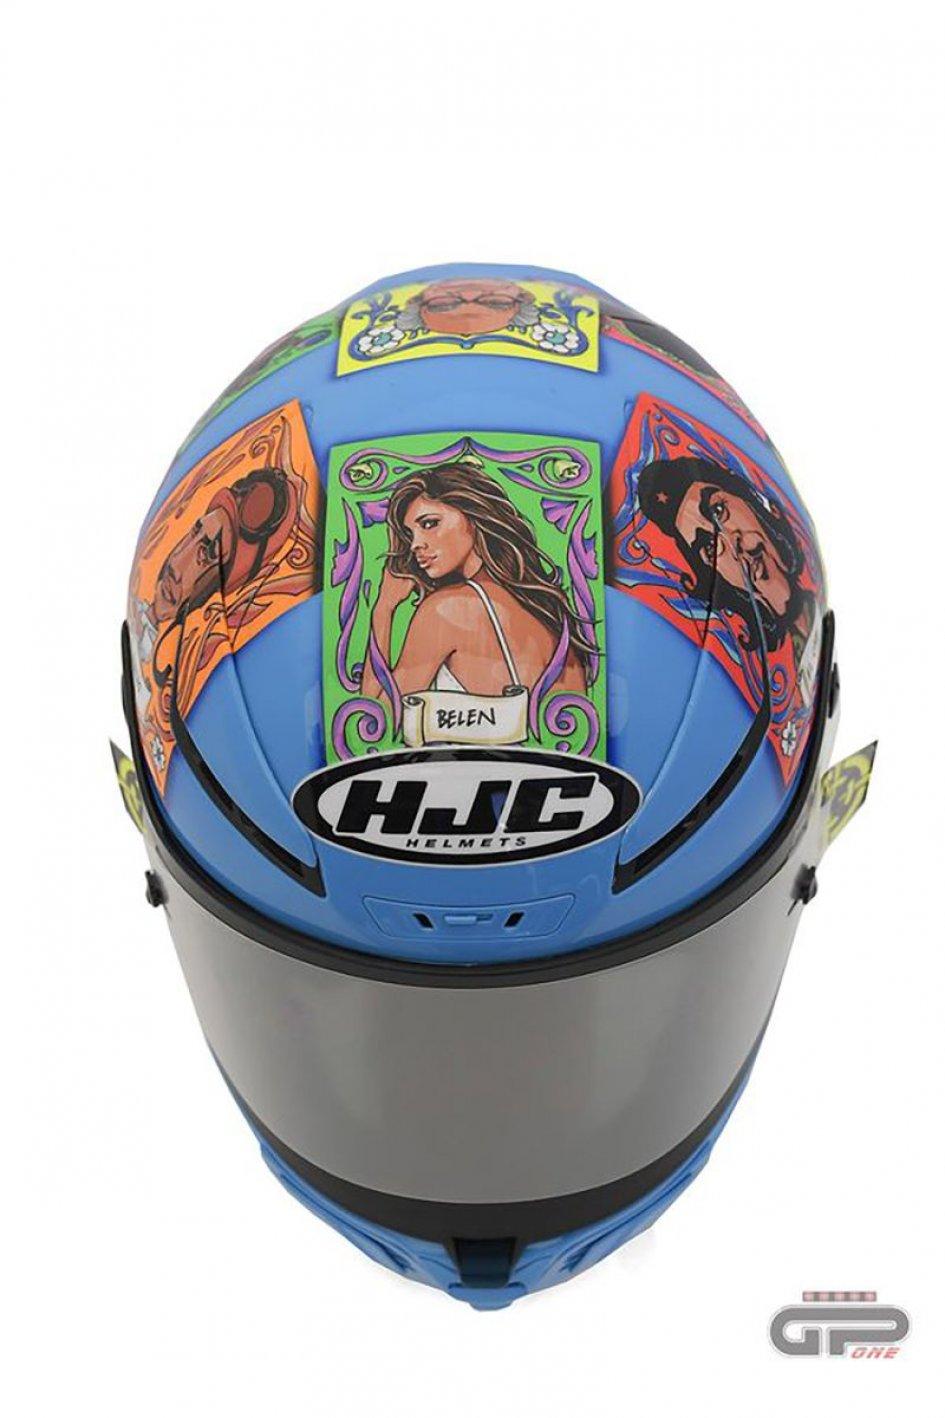 MotoGP: Iannone puts Belen, Evita, Monzon, el Che and ... Fangio on the helmet